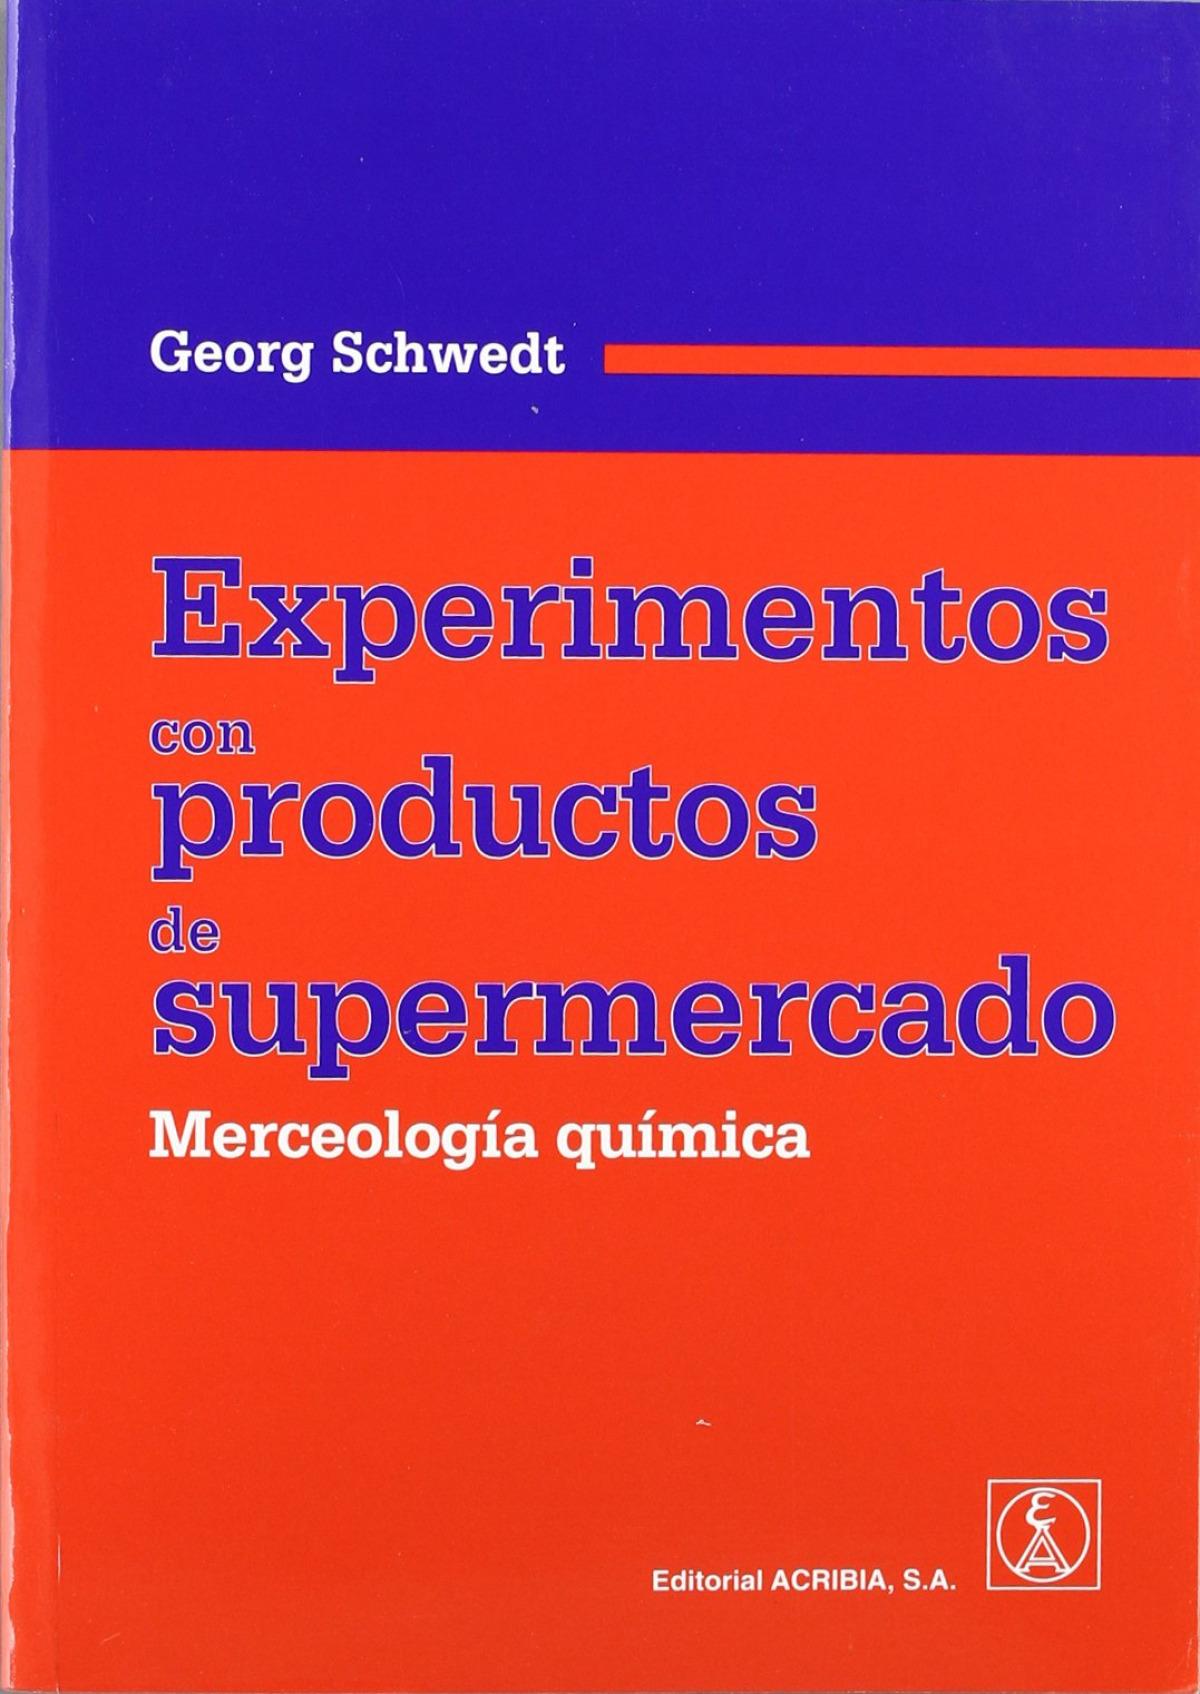 EXPERIMENTOS CON PRODUCTOS DE SUPERMERCADO. MERCEOLOGÍA QUÍMICA